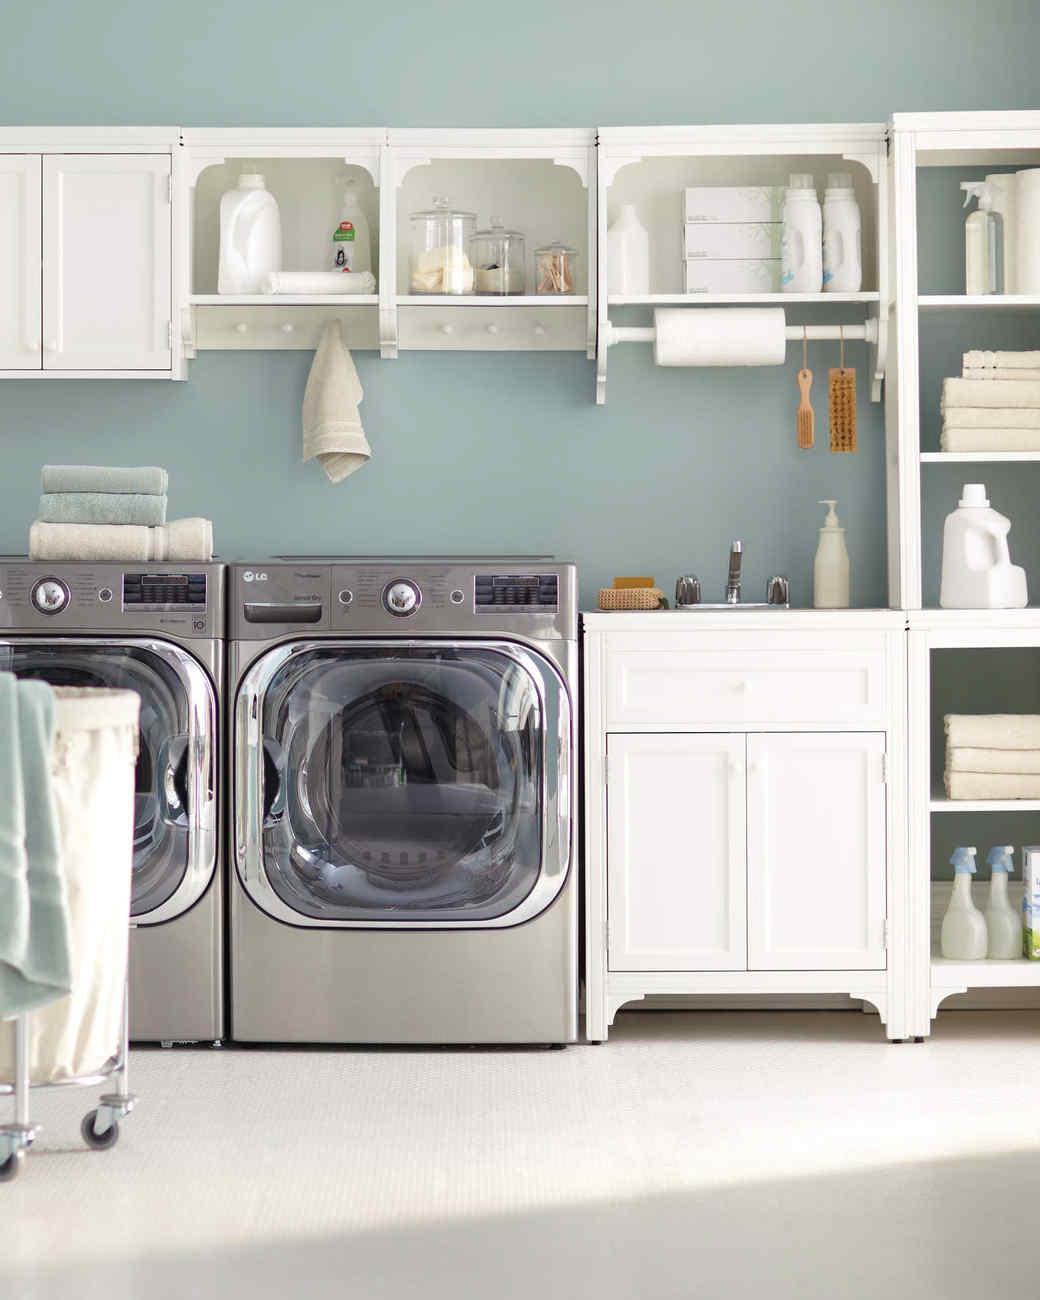 12 Essential Laundry-Room Organizing Ideas | Martha Stewart on Laundry Room Organization Ideas  id=78613